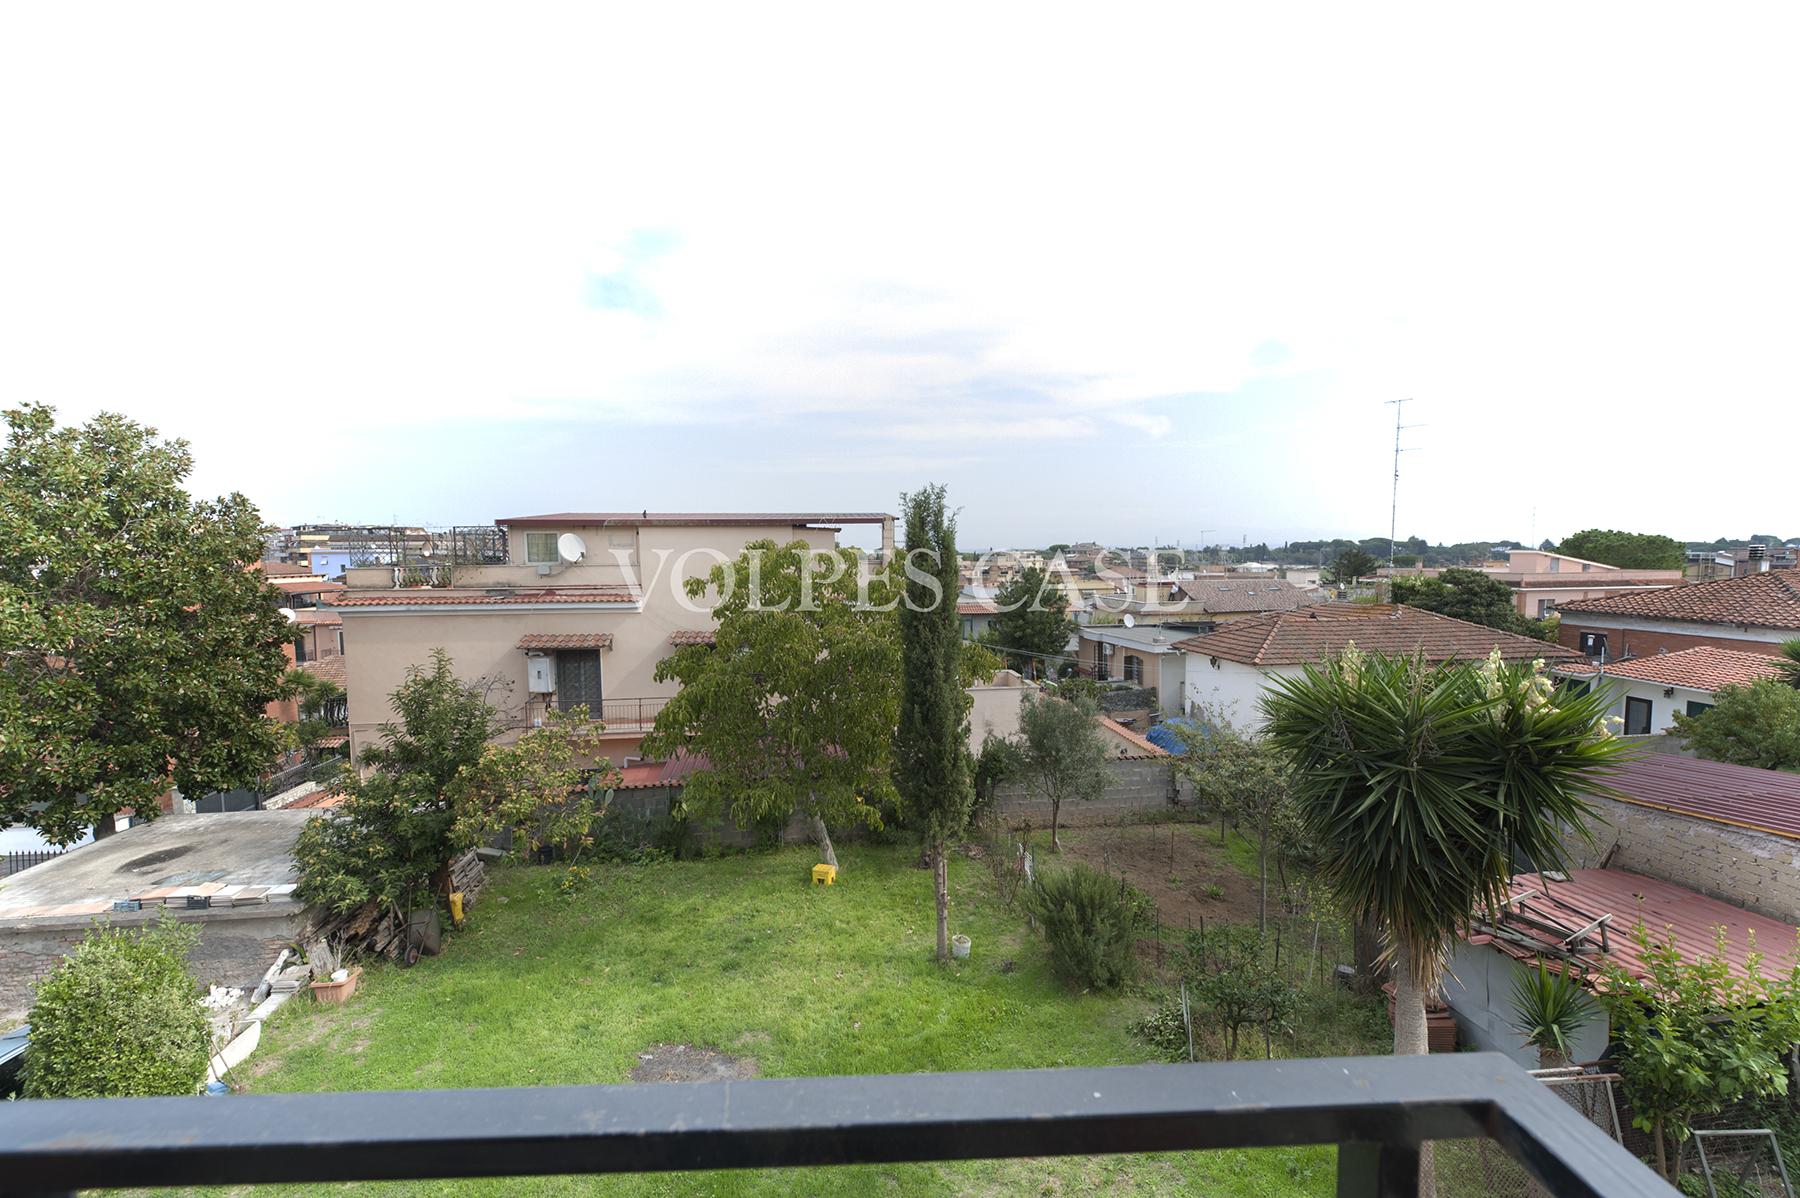 Appartamento in vendita a roma cod v45 3191 - Porta portese case in vendita roma ...